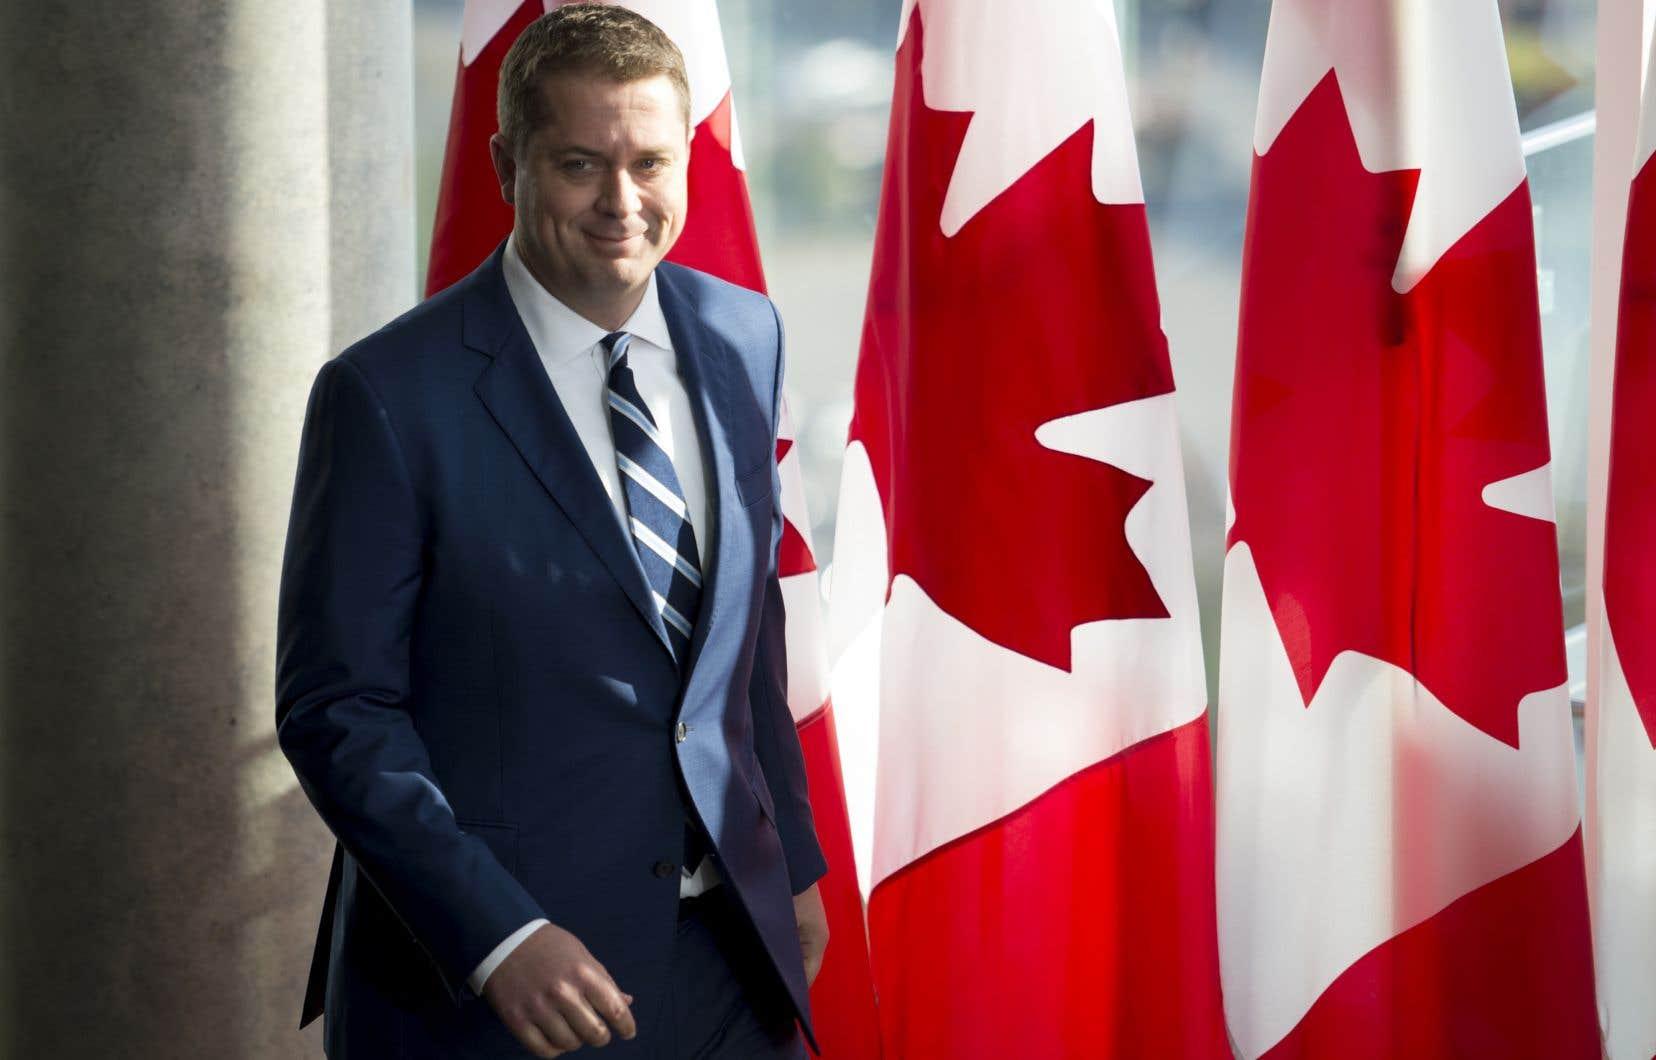 Andrew Scheer a l'intention de réduire considérablement le soutien financier que le Canada fournit à l'étranger.